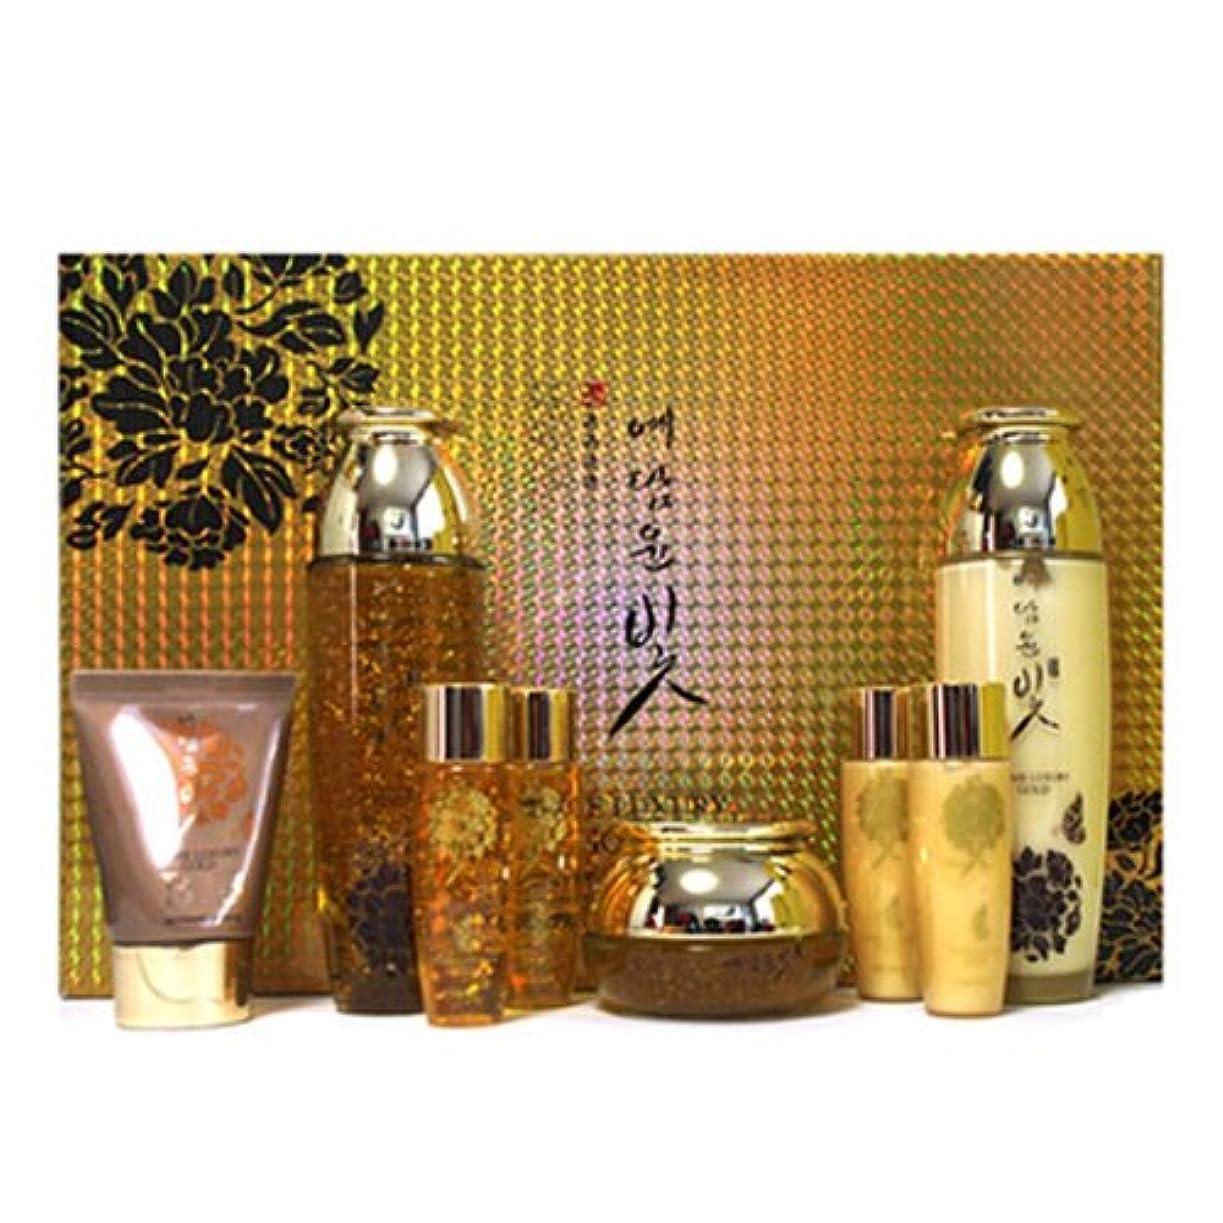 頭痛才能遺棄されたイェダムユンビト[韓国コスメYedam Yun Bit]Prime Luxury Gold Skin Care Set プライムラグジュアリーゴールドスキンケア4セット 樹液 乳液 クリーム/ BBクリーム [並行輸入品]